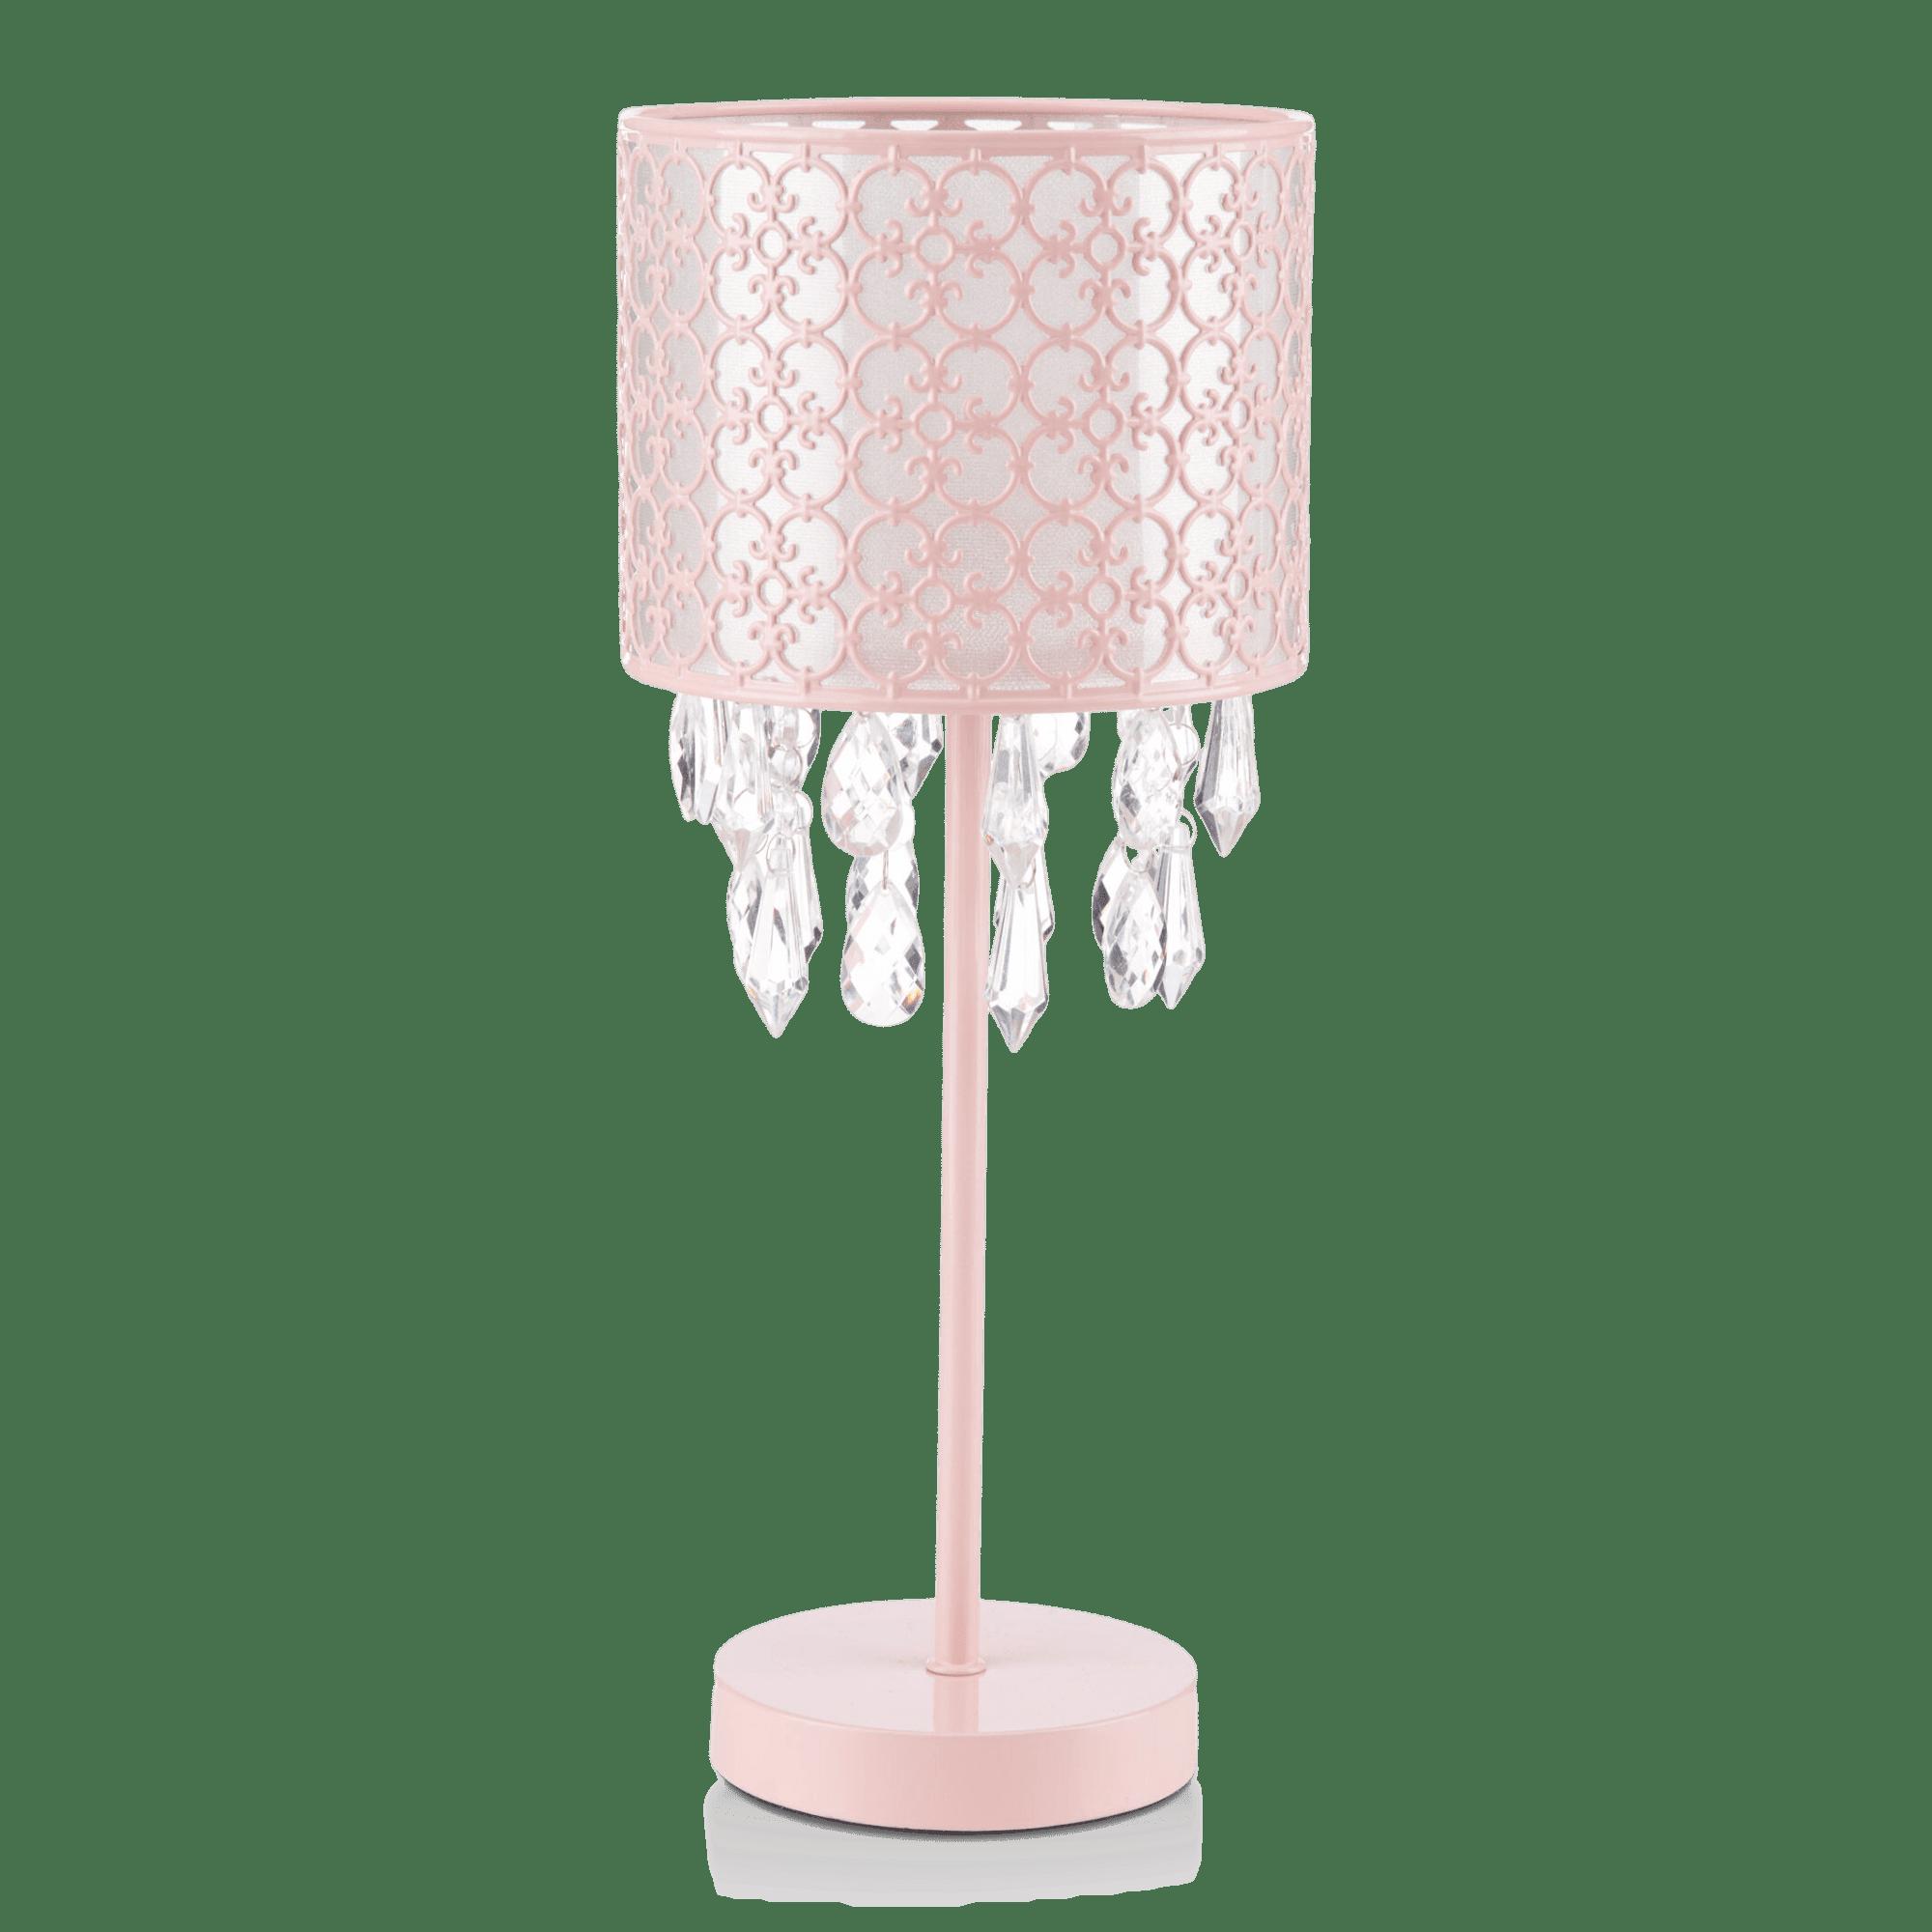 Lampe de table baroque avec gouttelettes décoratives